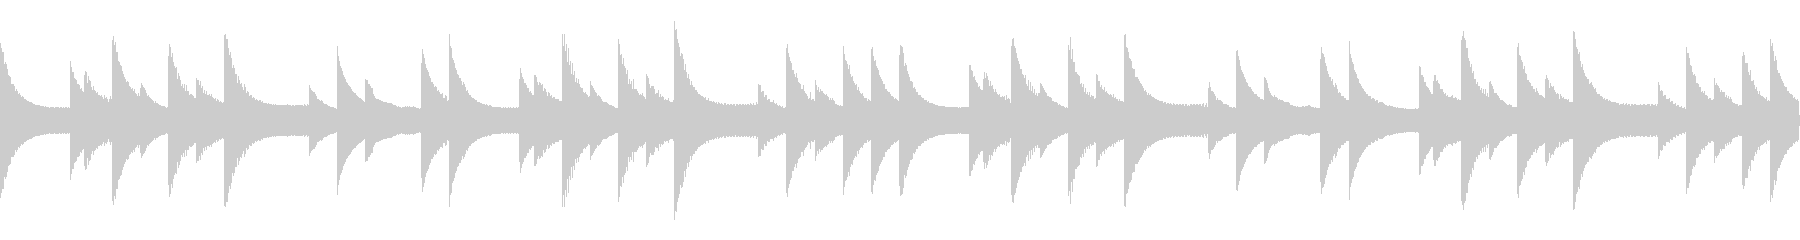 最初の村特有の切ないゲームBGMの未再生の波形